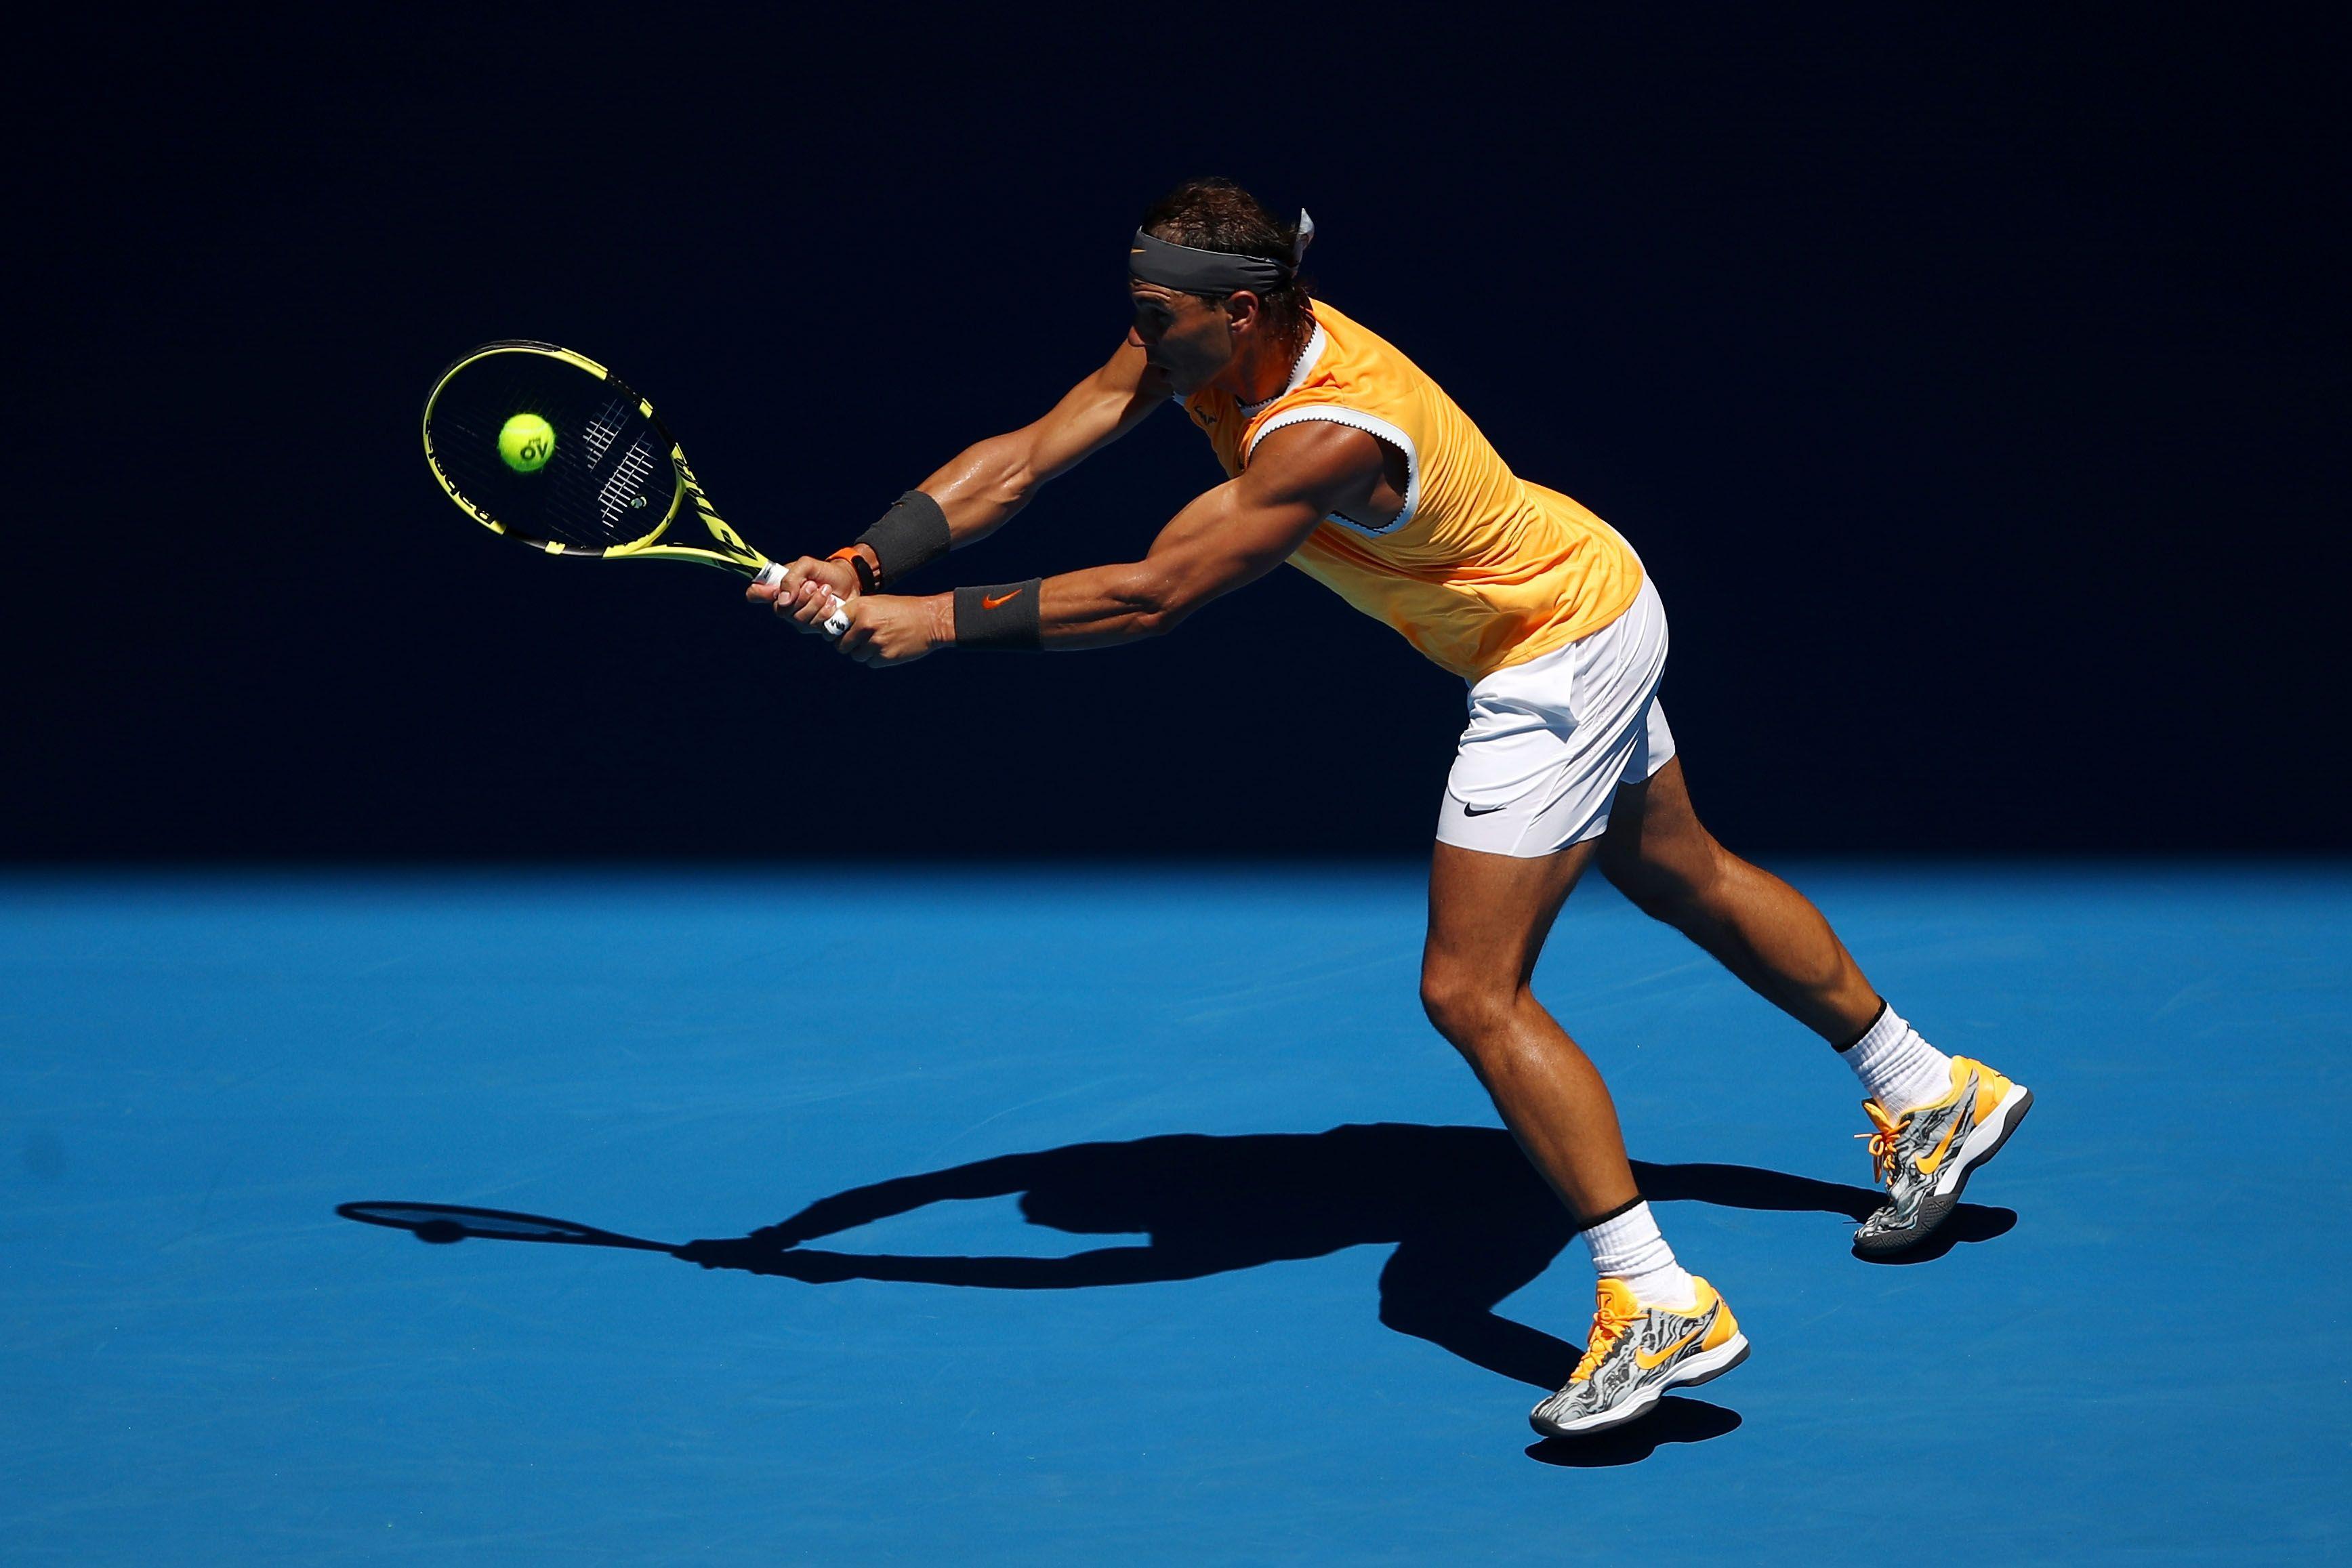 Nadal En El Open De Australia Como Entrena Rafa Nadal Para Seguir Disputando Finales De Grand Slam